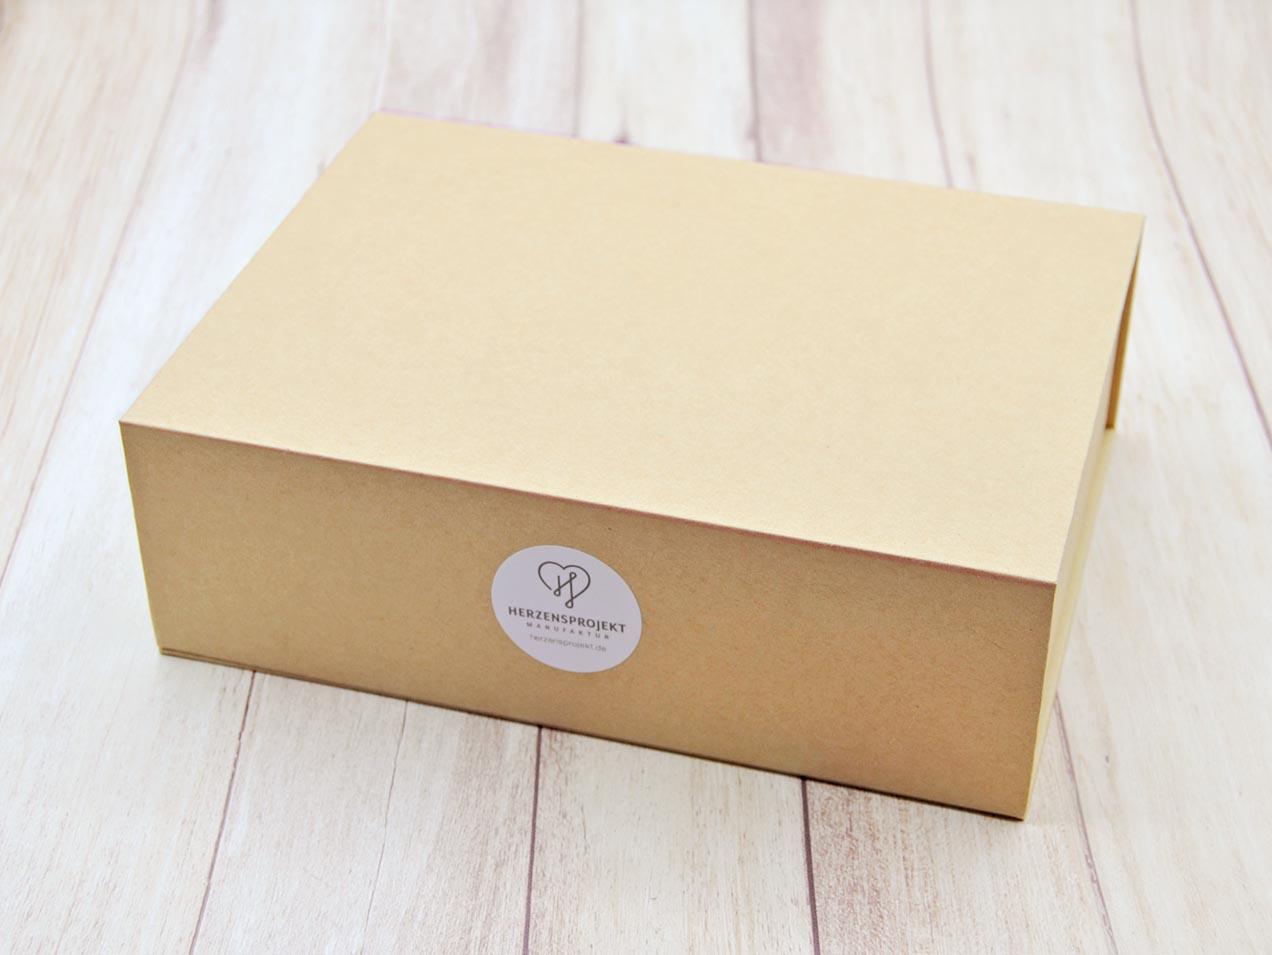 Geschenkverpackung wiederverwendbar